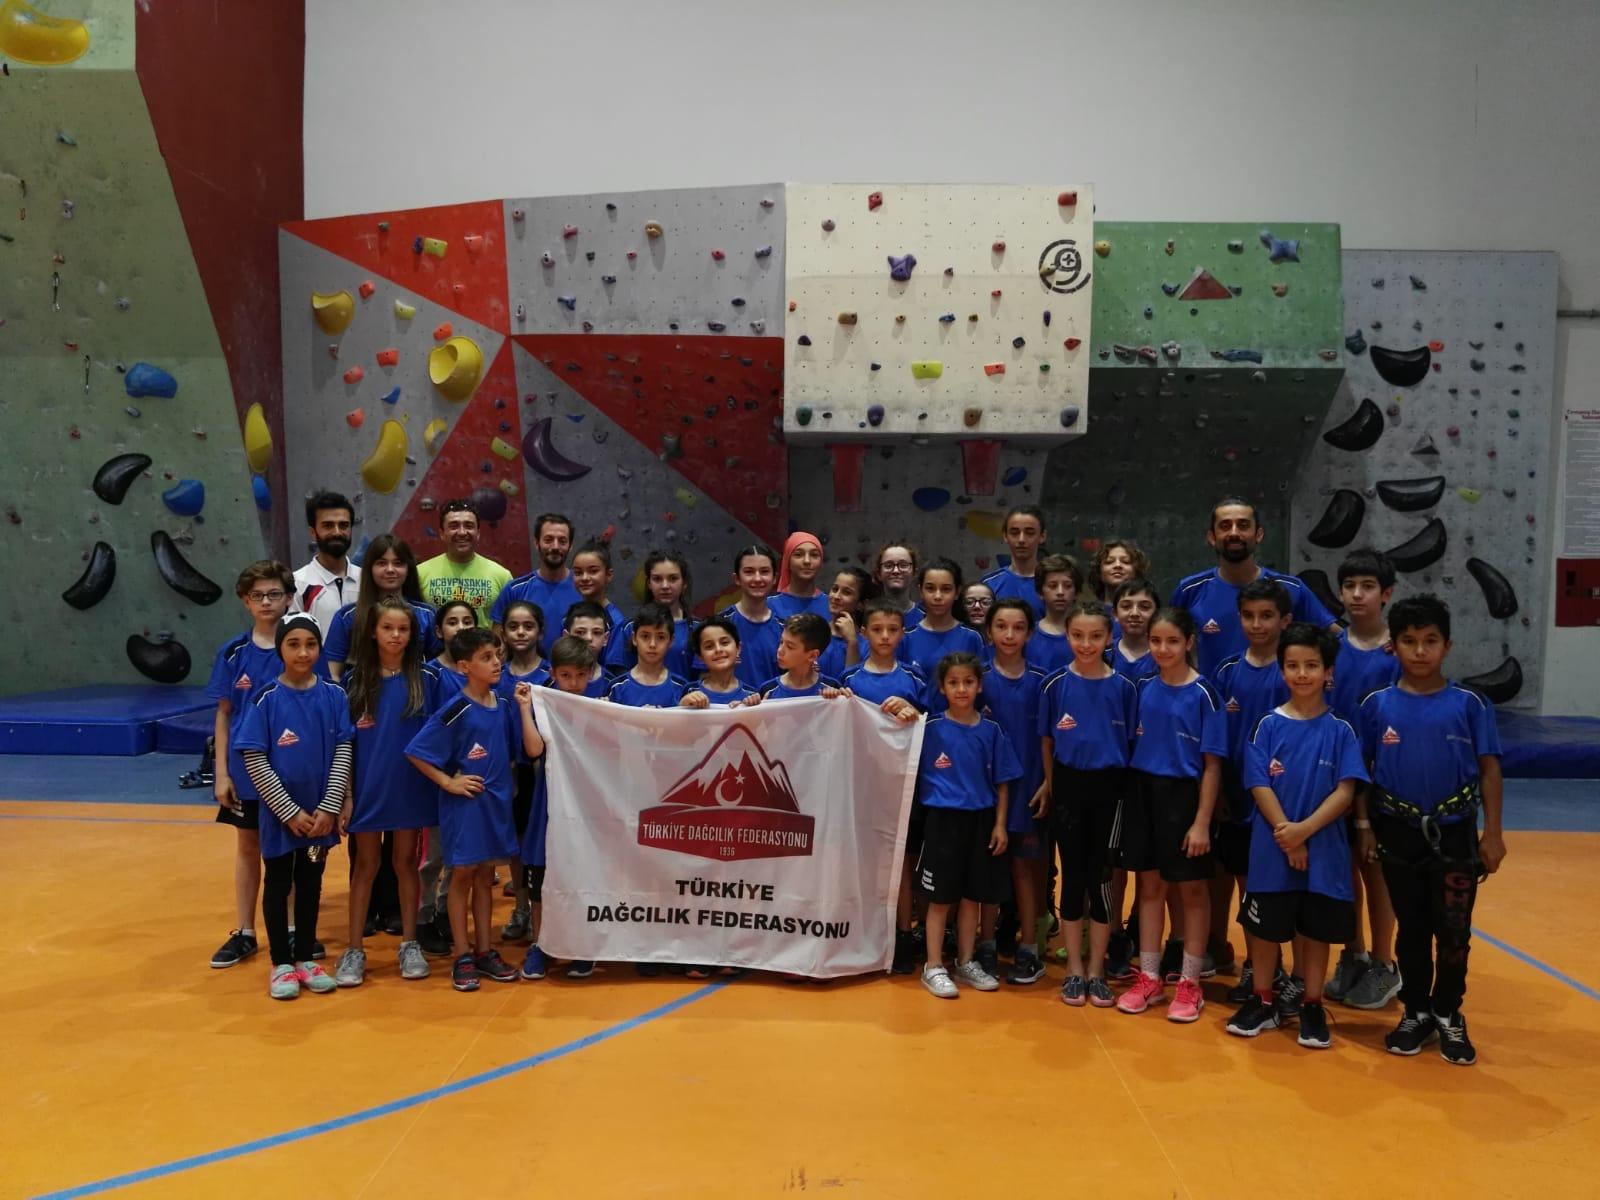 Spor Tırmanış 1.Kademe Yardımcı Antrenör Uygulama Eğitimi Katılımcı Listesi